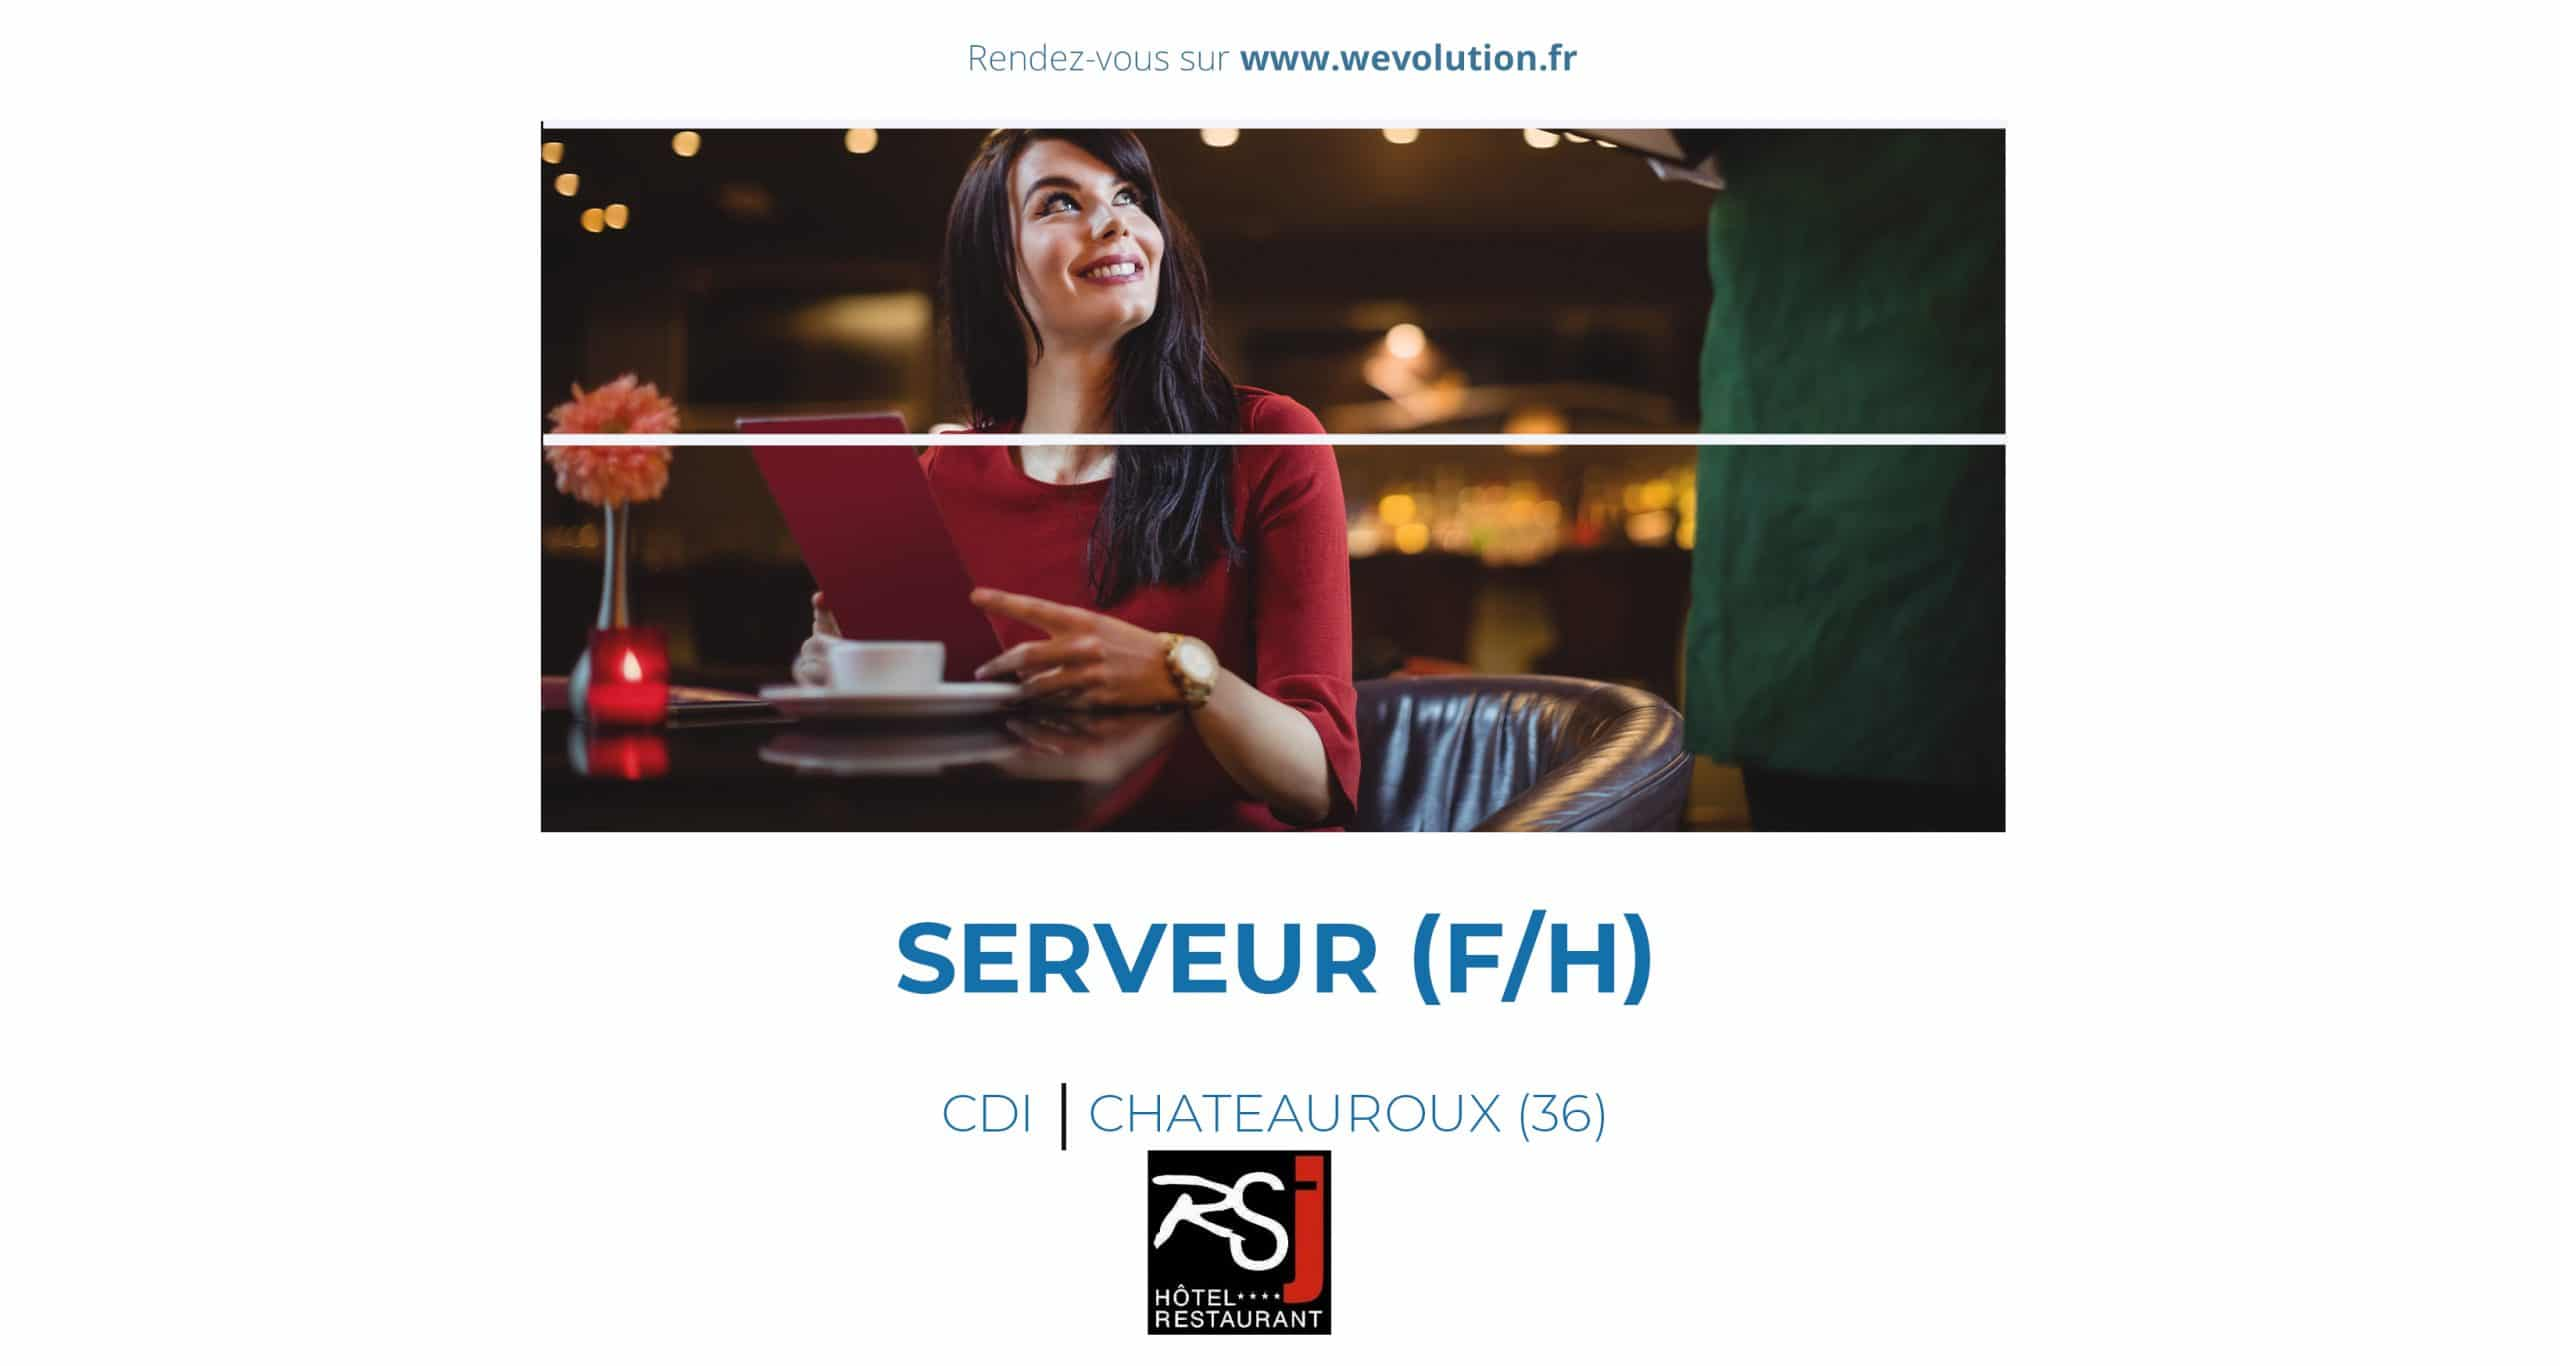 SERVEUR – CHEF DE RANG (F/H)